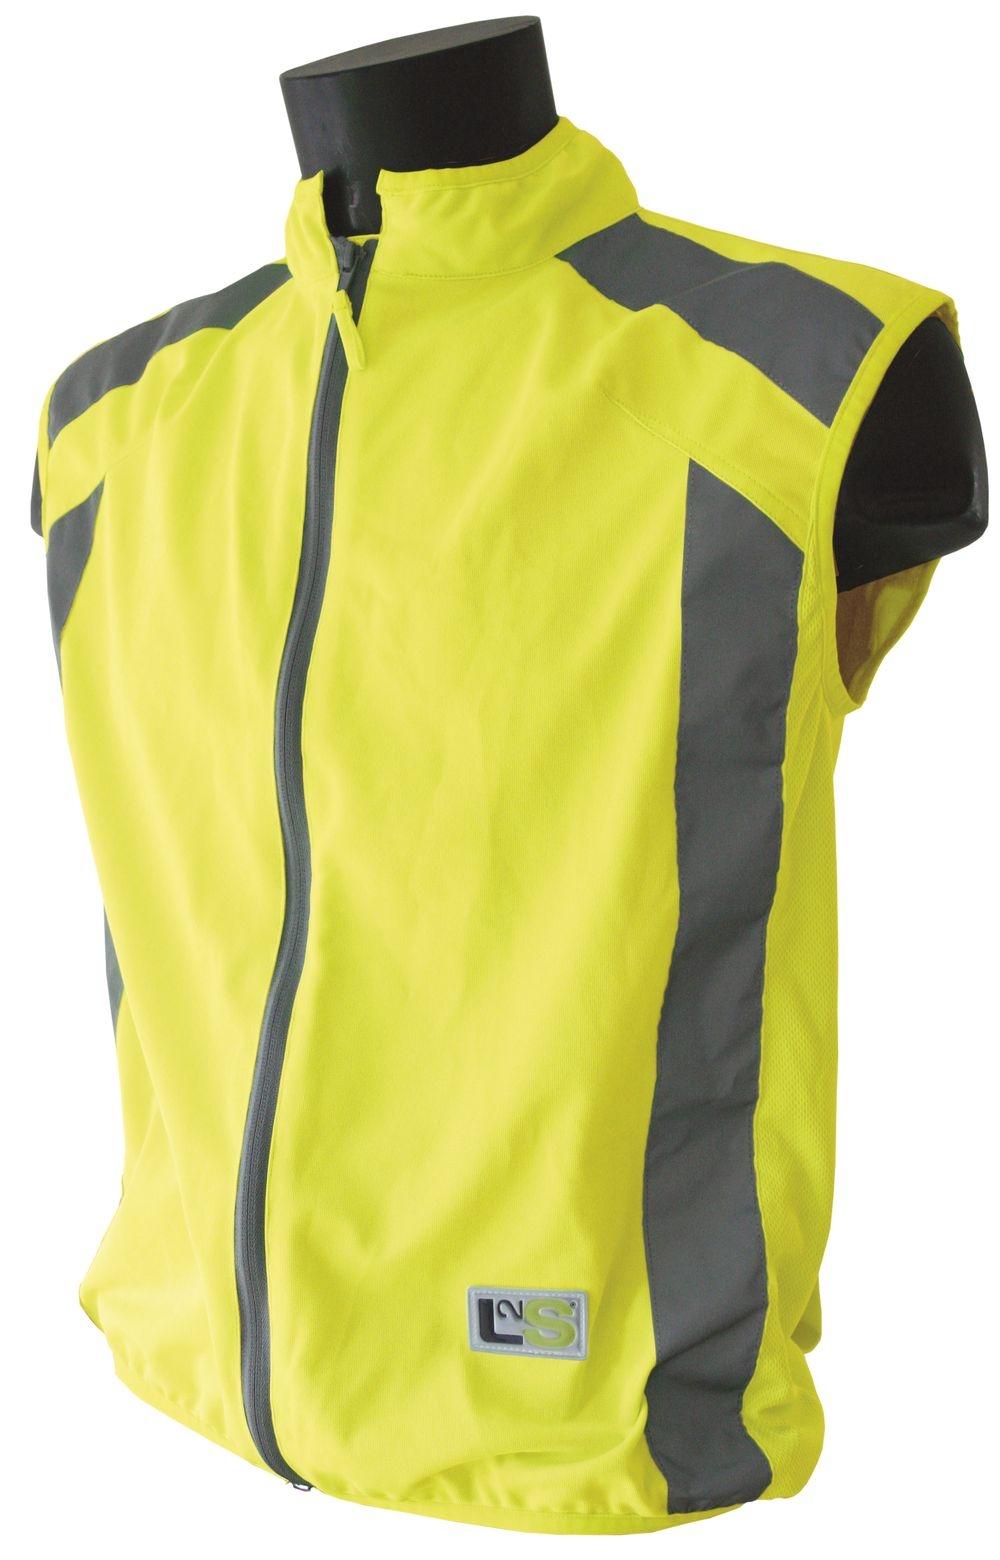 Gilet de sécurité sport L2S Visioplus Jaune fluorescent réfléchissant - XS